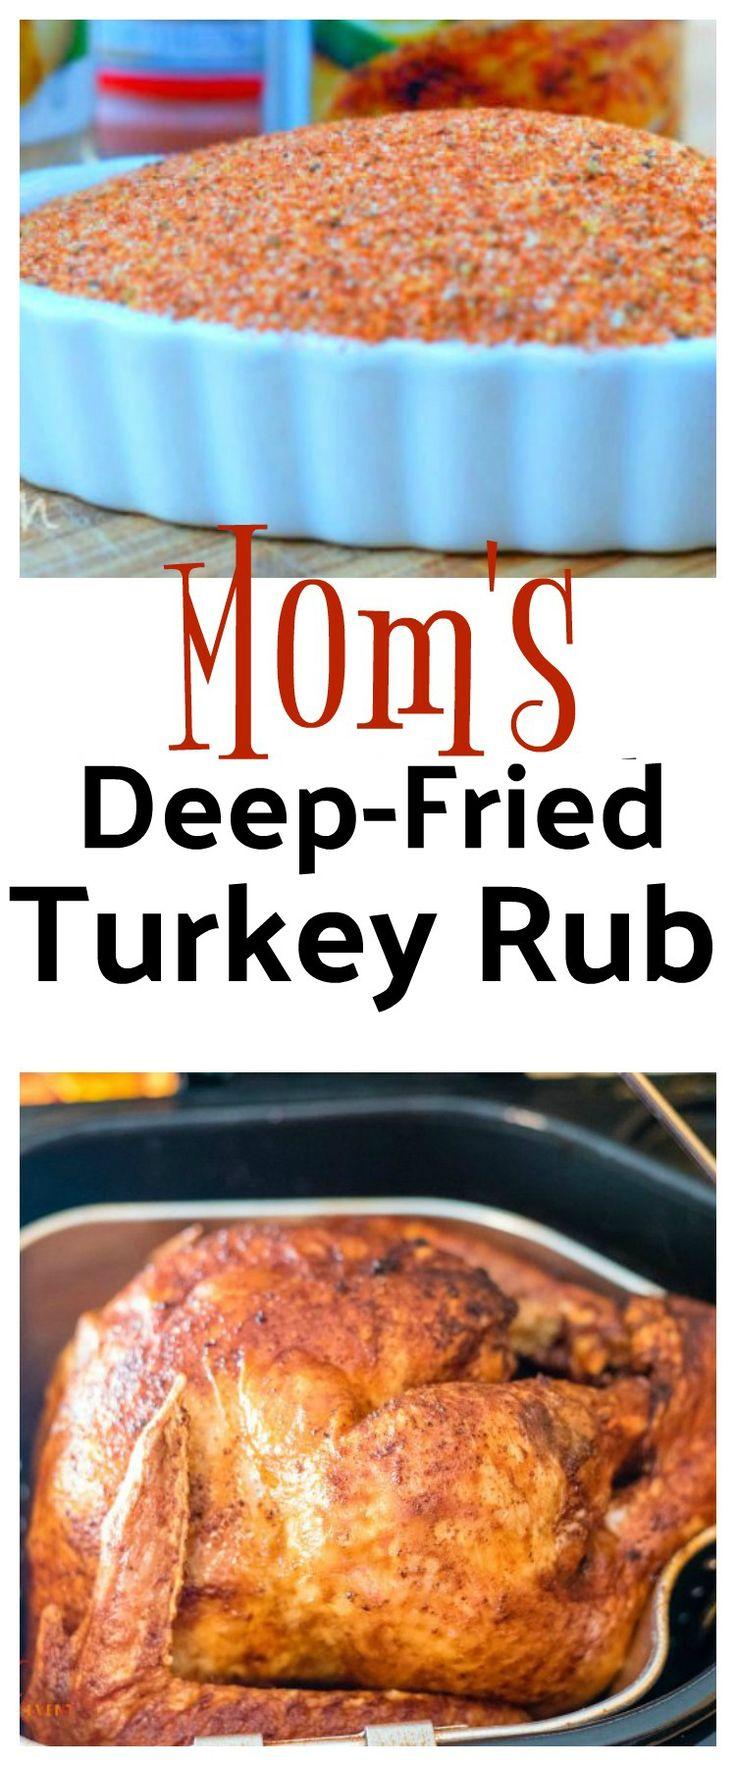 Best 25+ Deep fried turkey recipe ideas on Pinterest | Fry ...